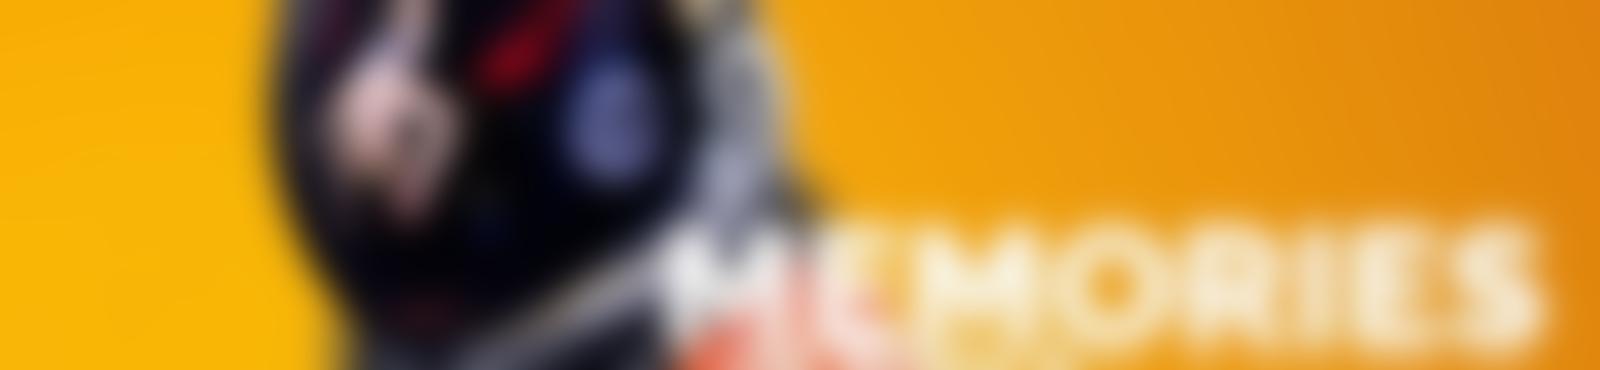 Blurred 8a43c073 dbc4 472a 8de2 a19714e47878